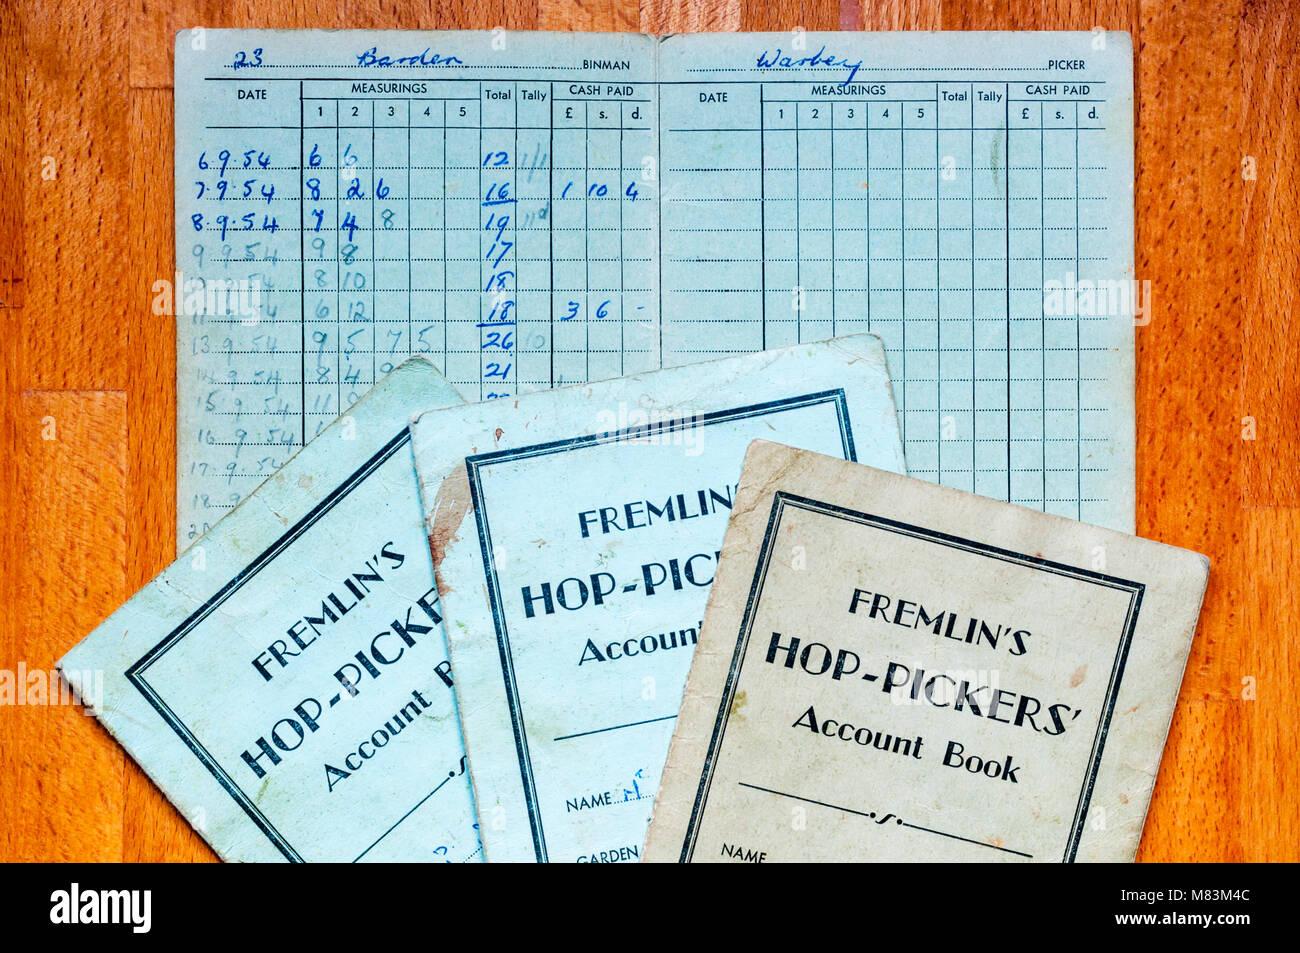 L'Hop-Pickers Fremlin Livre de comptes de 1950. Utilisé pour conserver un enregistrement de la quantité Photo Stock